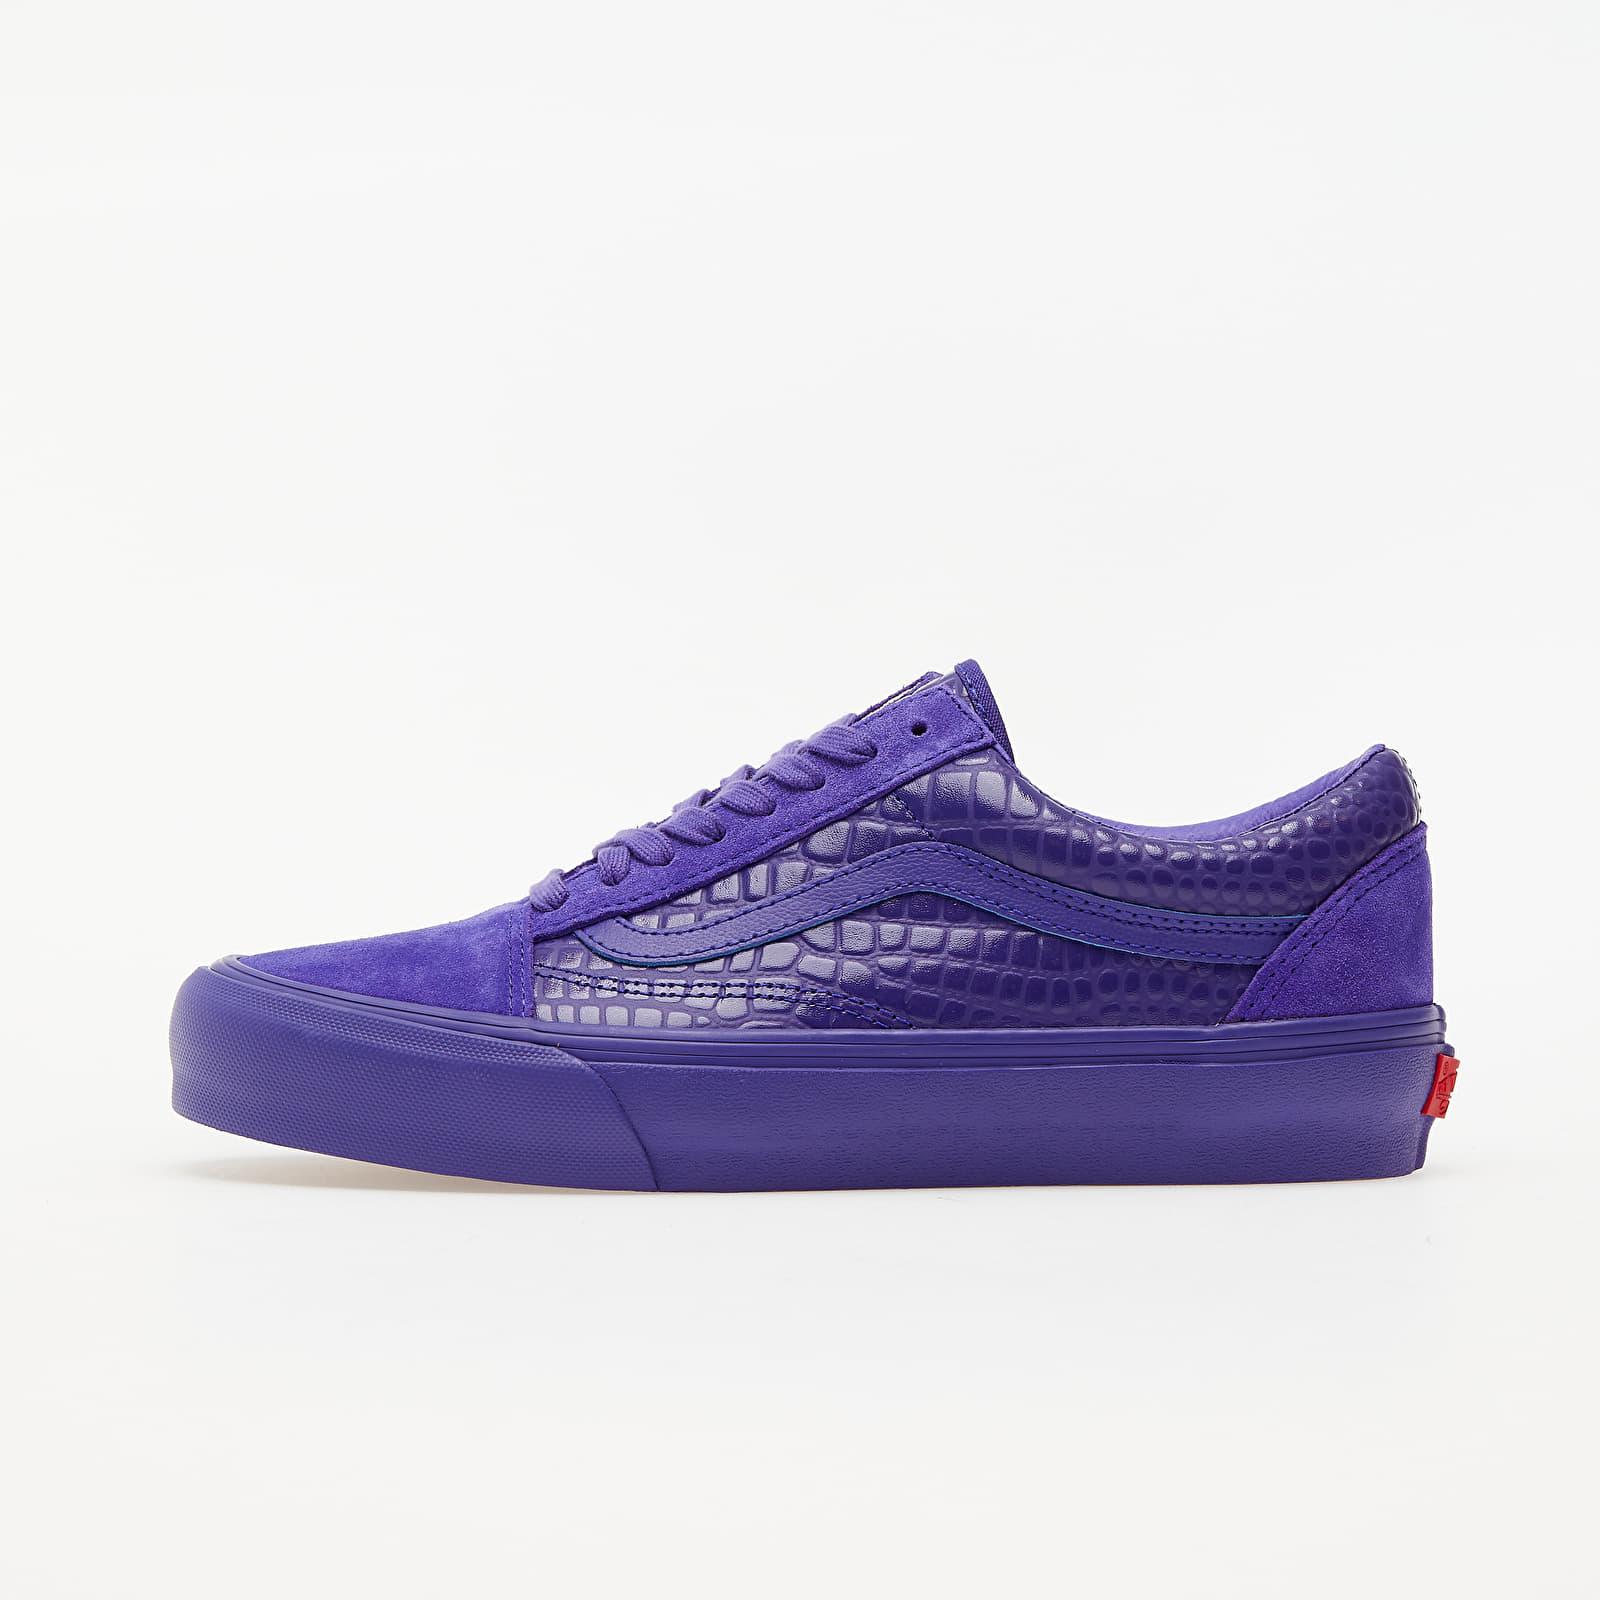 Men's shoes Vans Old Skool VLT LX (Croc Skin) Deep Blue